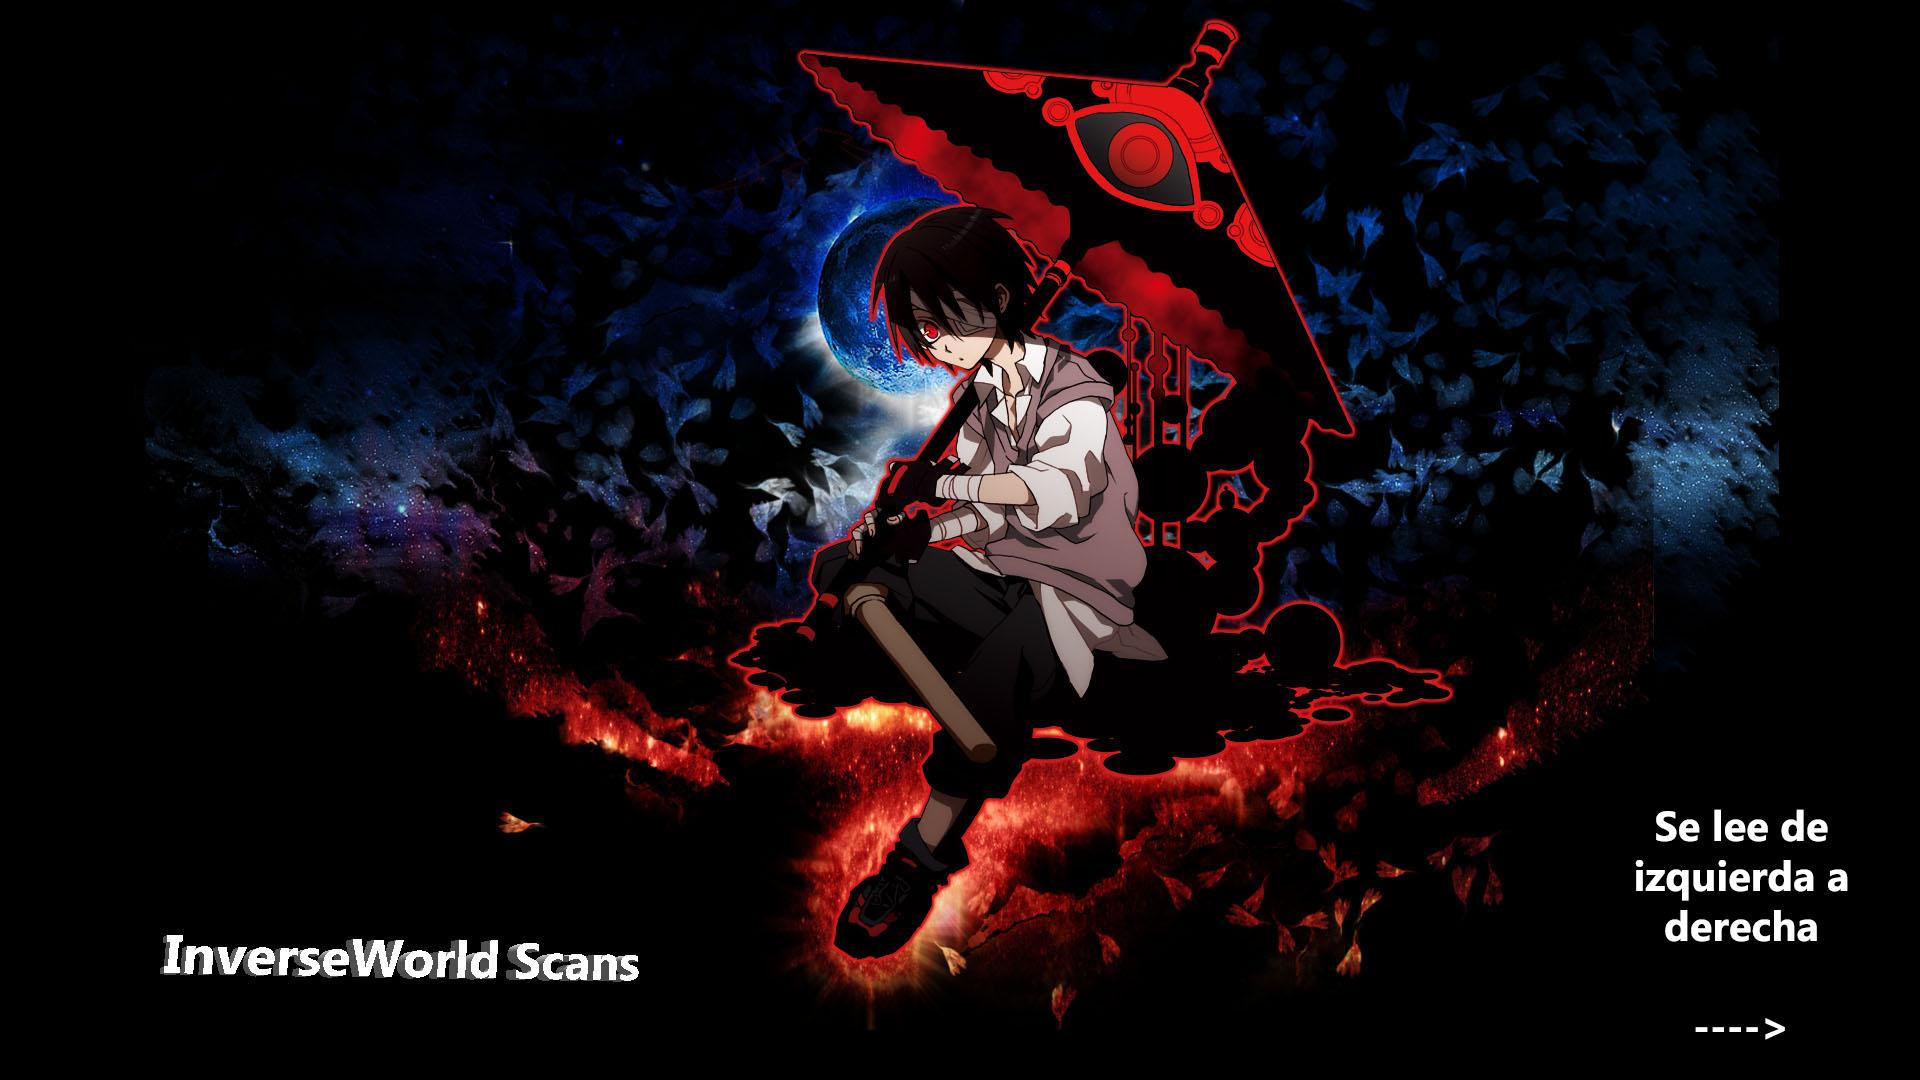 http://c5.ninemanga.com/es_manga/18/16210/415308/f833294b729456685864bd3393473c5a.jpg Page 2